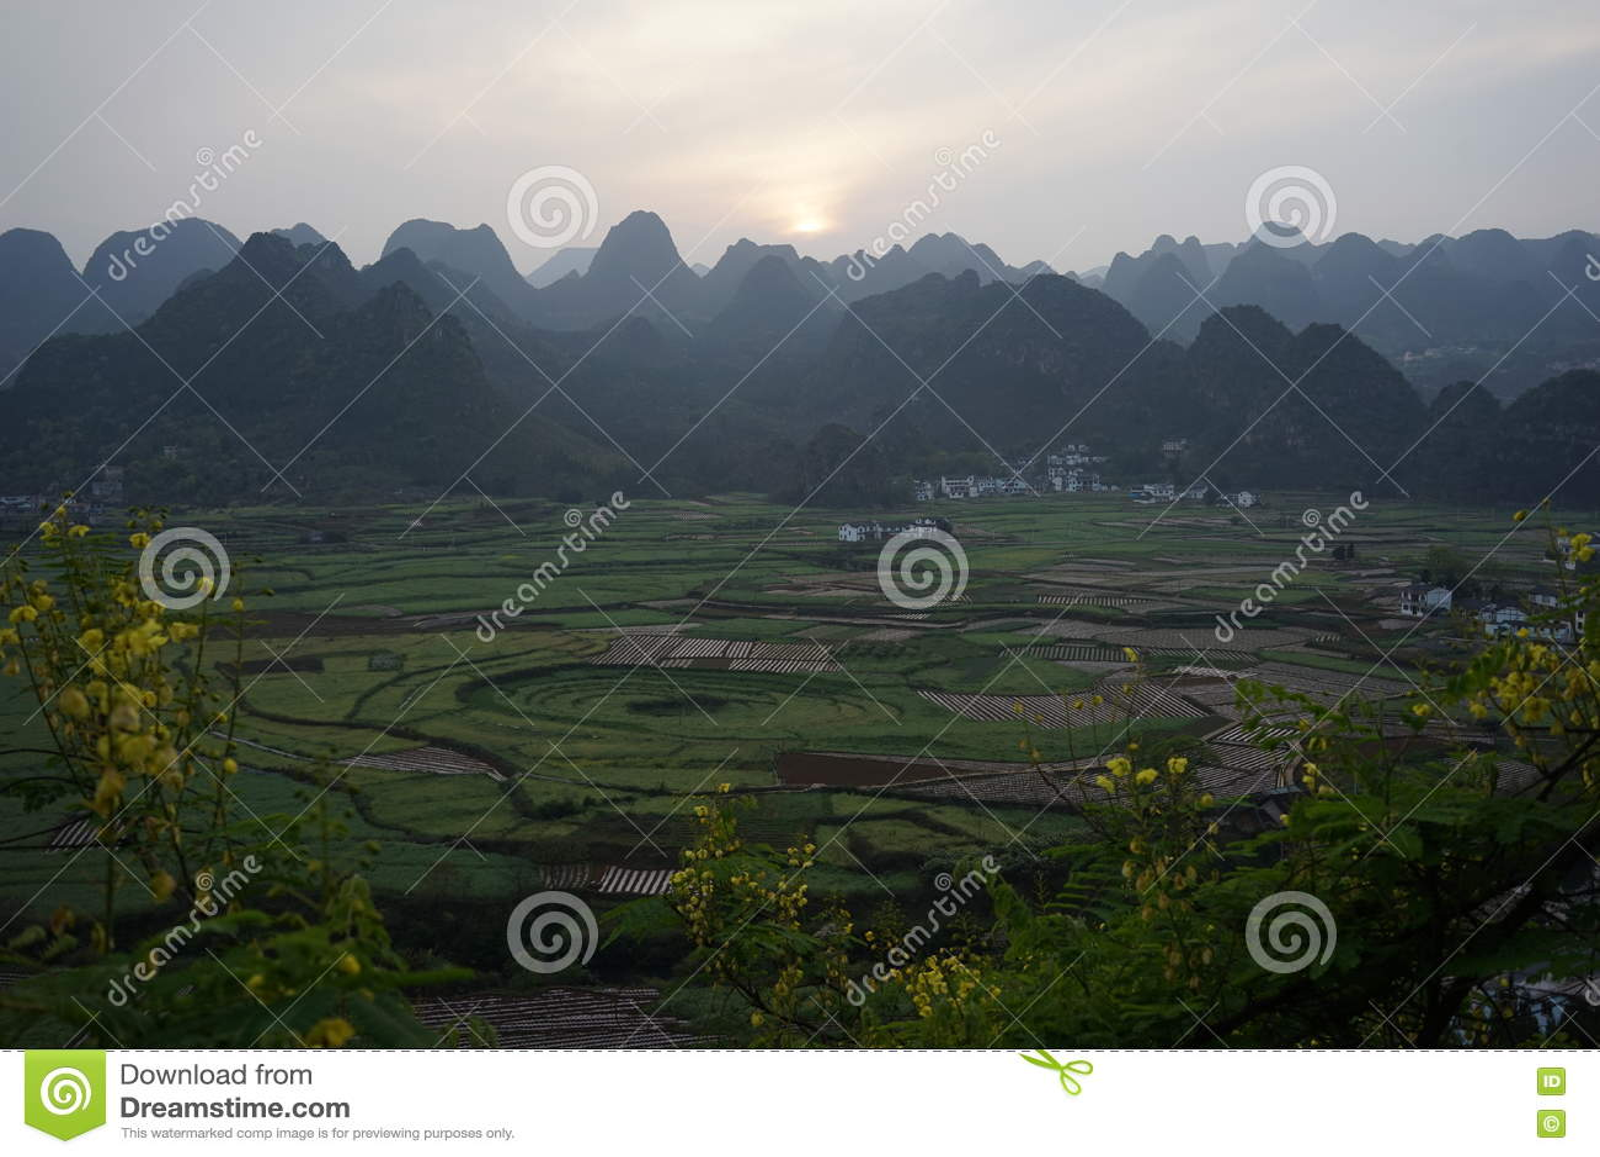 Download Лес 10 тысяч пиков стоковое фото. изображение насчитывающей тысяча - 72276352